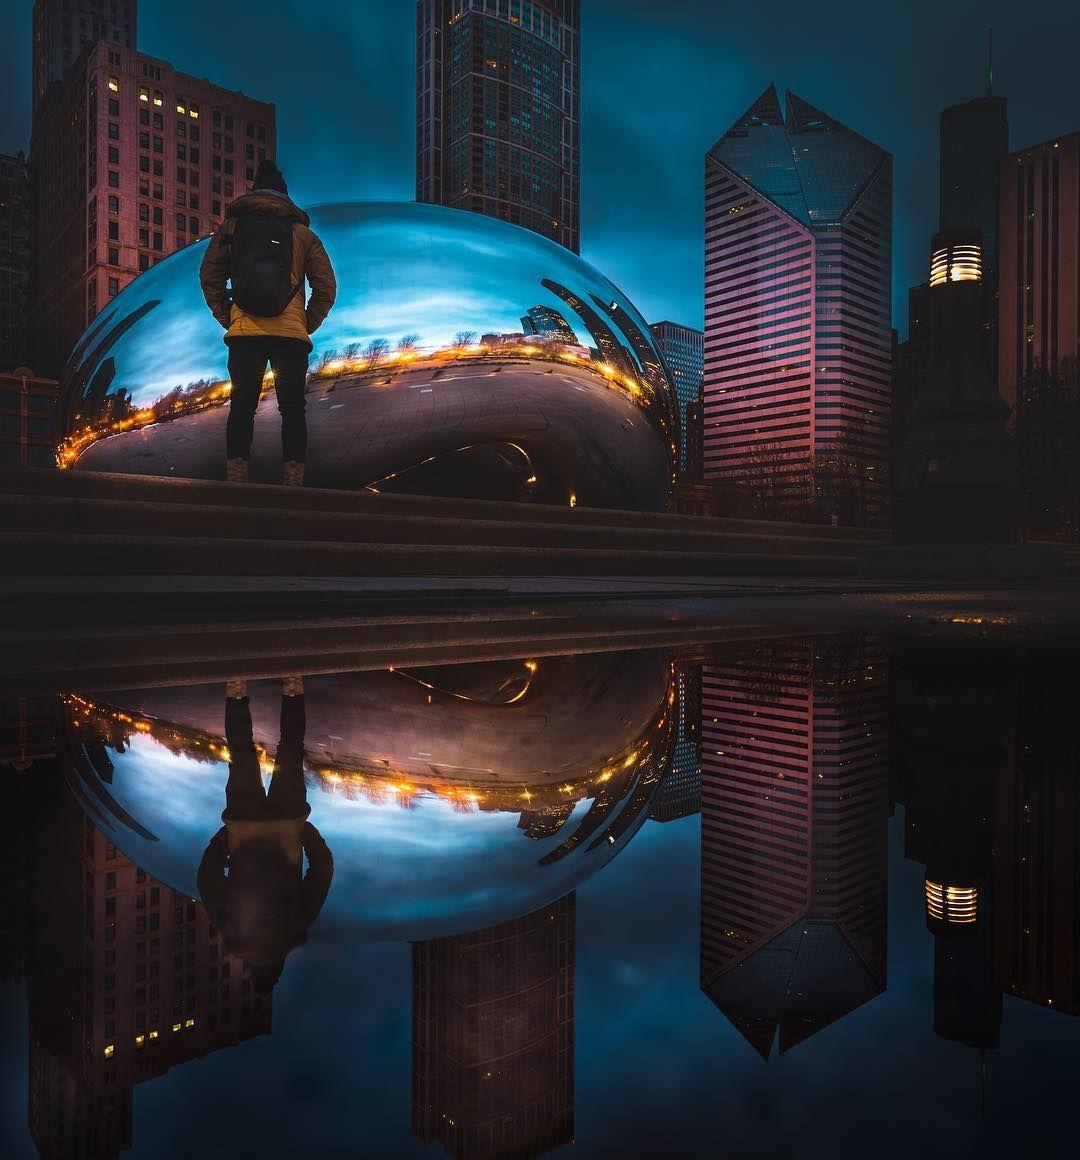 Эффектные фото городских пейзажей от Майка Майерса « FotoRelax